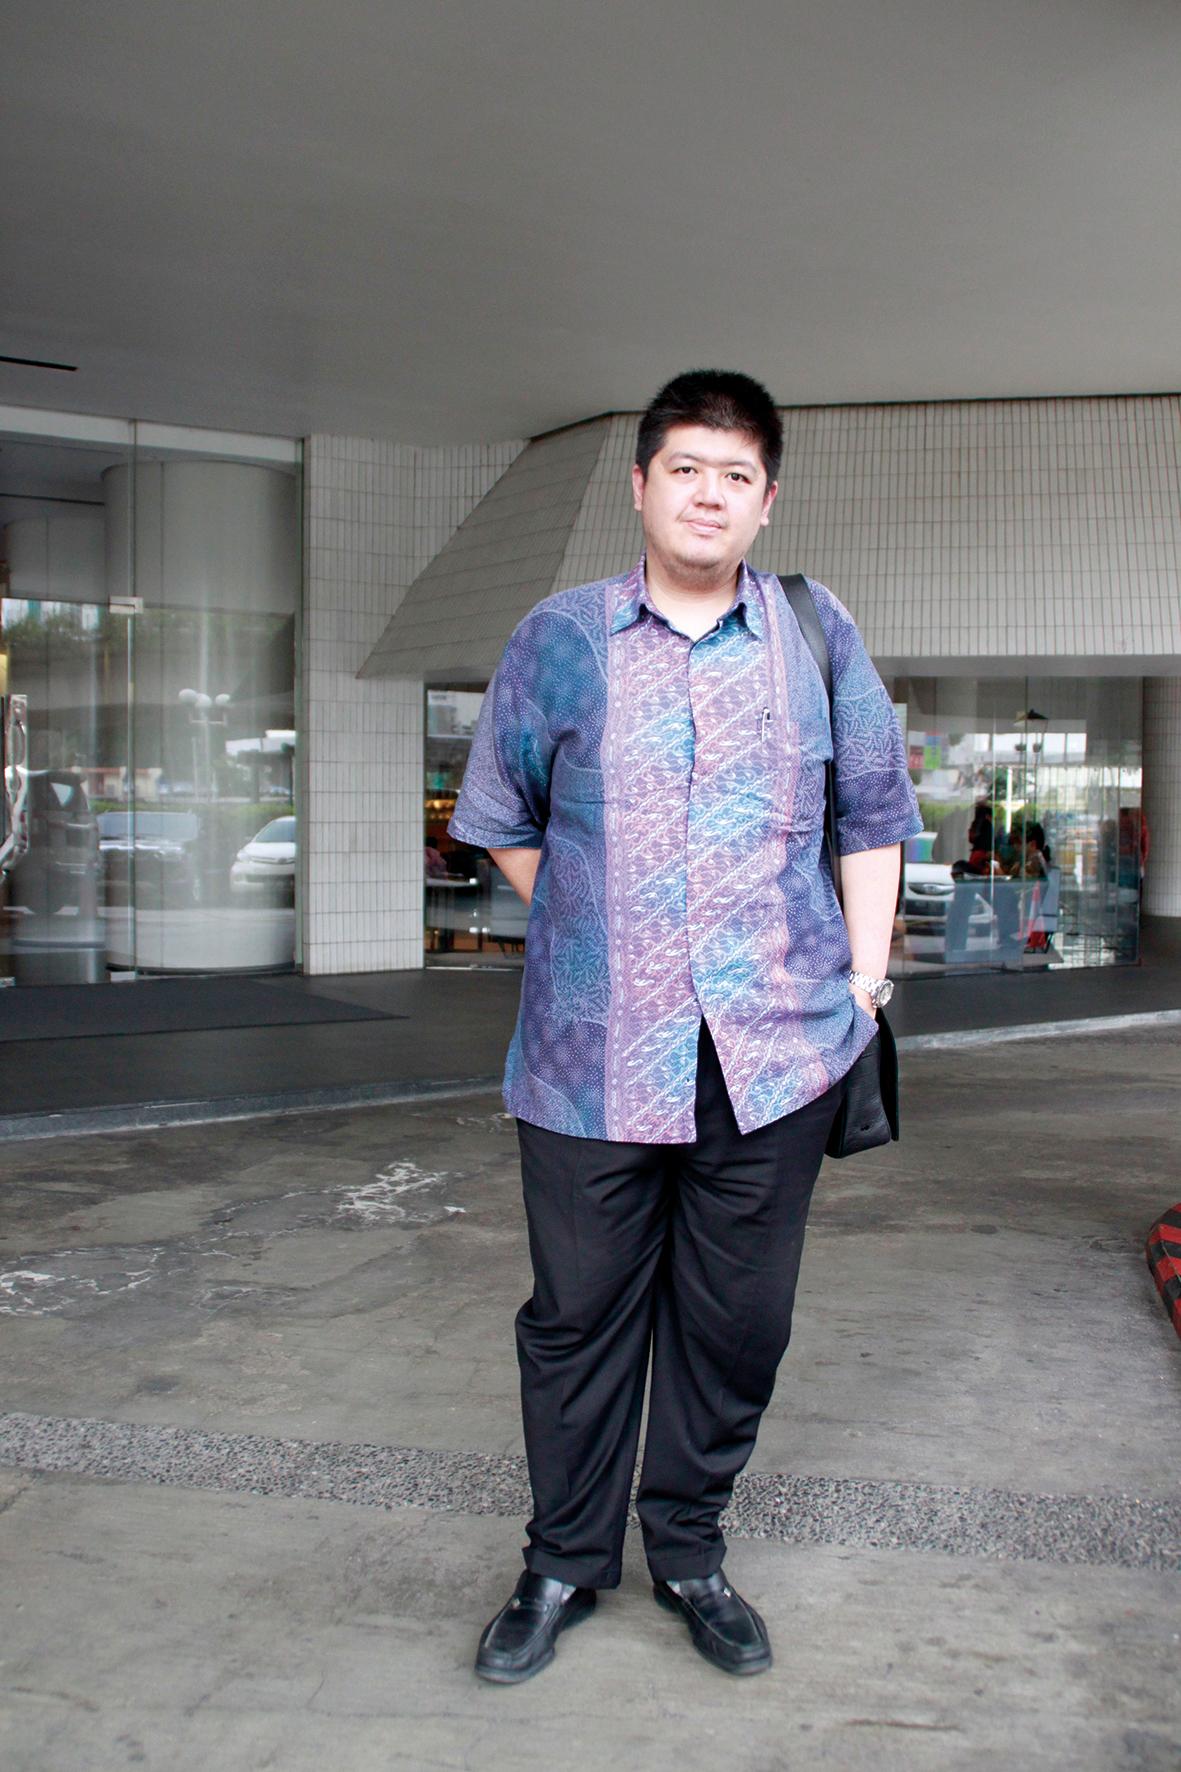 batik_snap_3_MG_6621